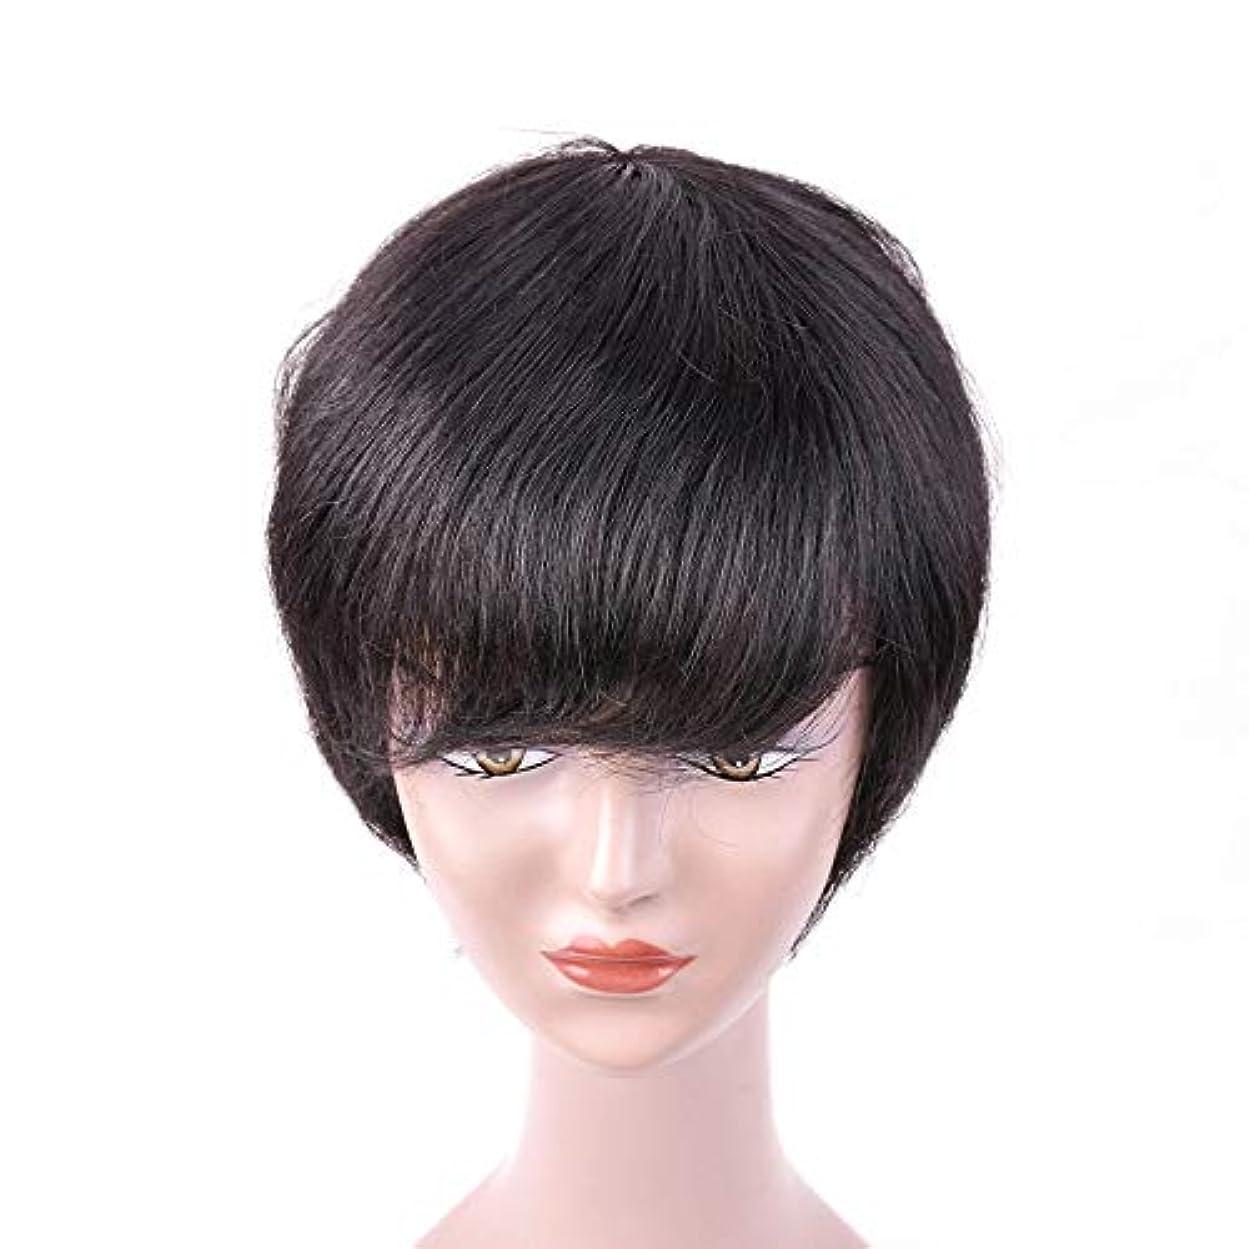 蒸発する窒息させる丘YOUQIU 黒人女性ウィッグ100%人毛ショートわずかカーリーウィッグ黒ショートヘアウィッグ (色 : 黒, サイズ : 6inch)